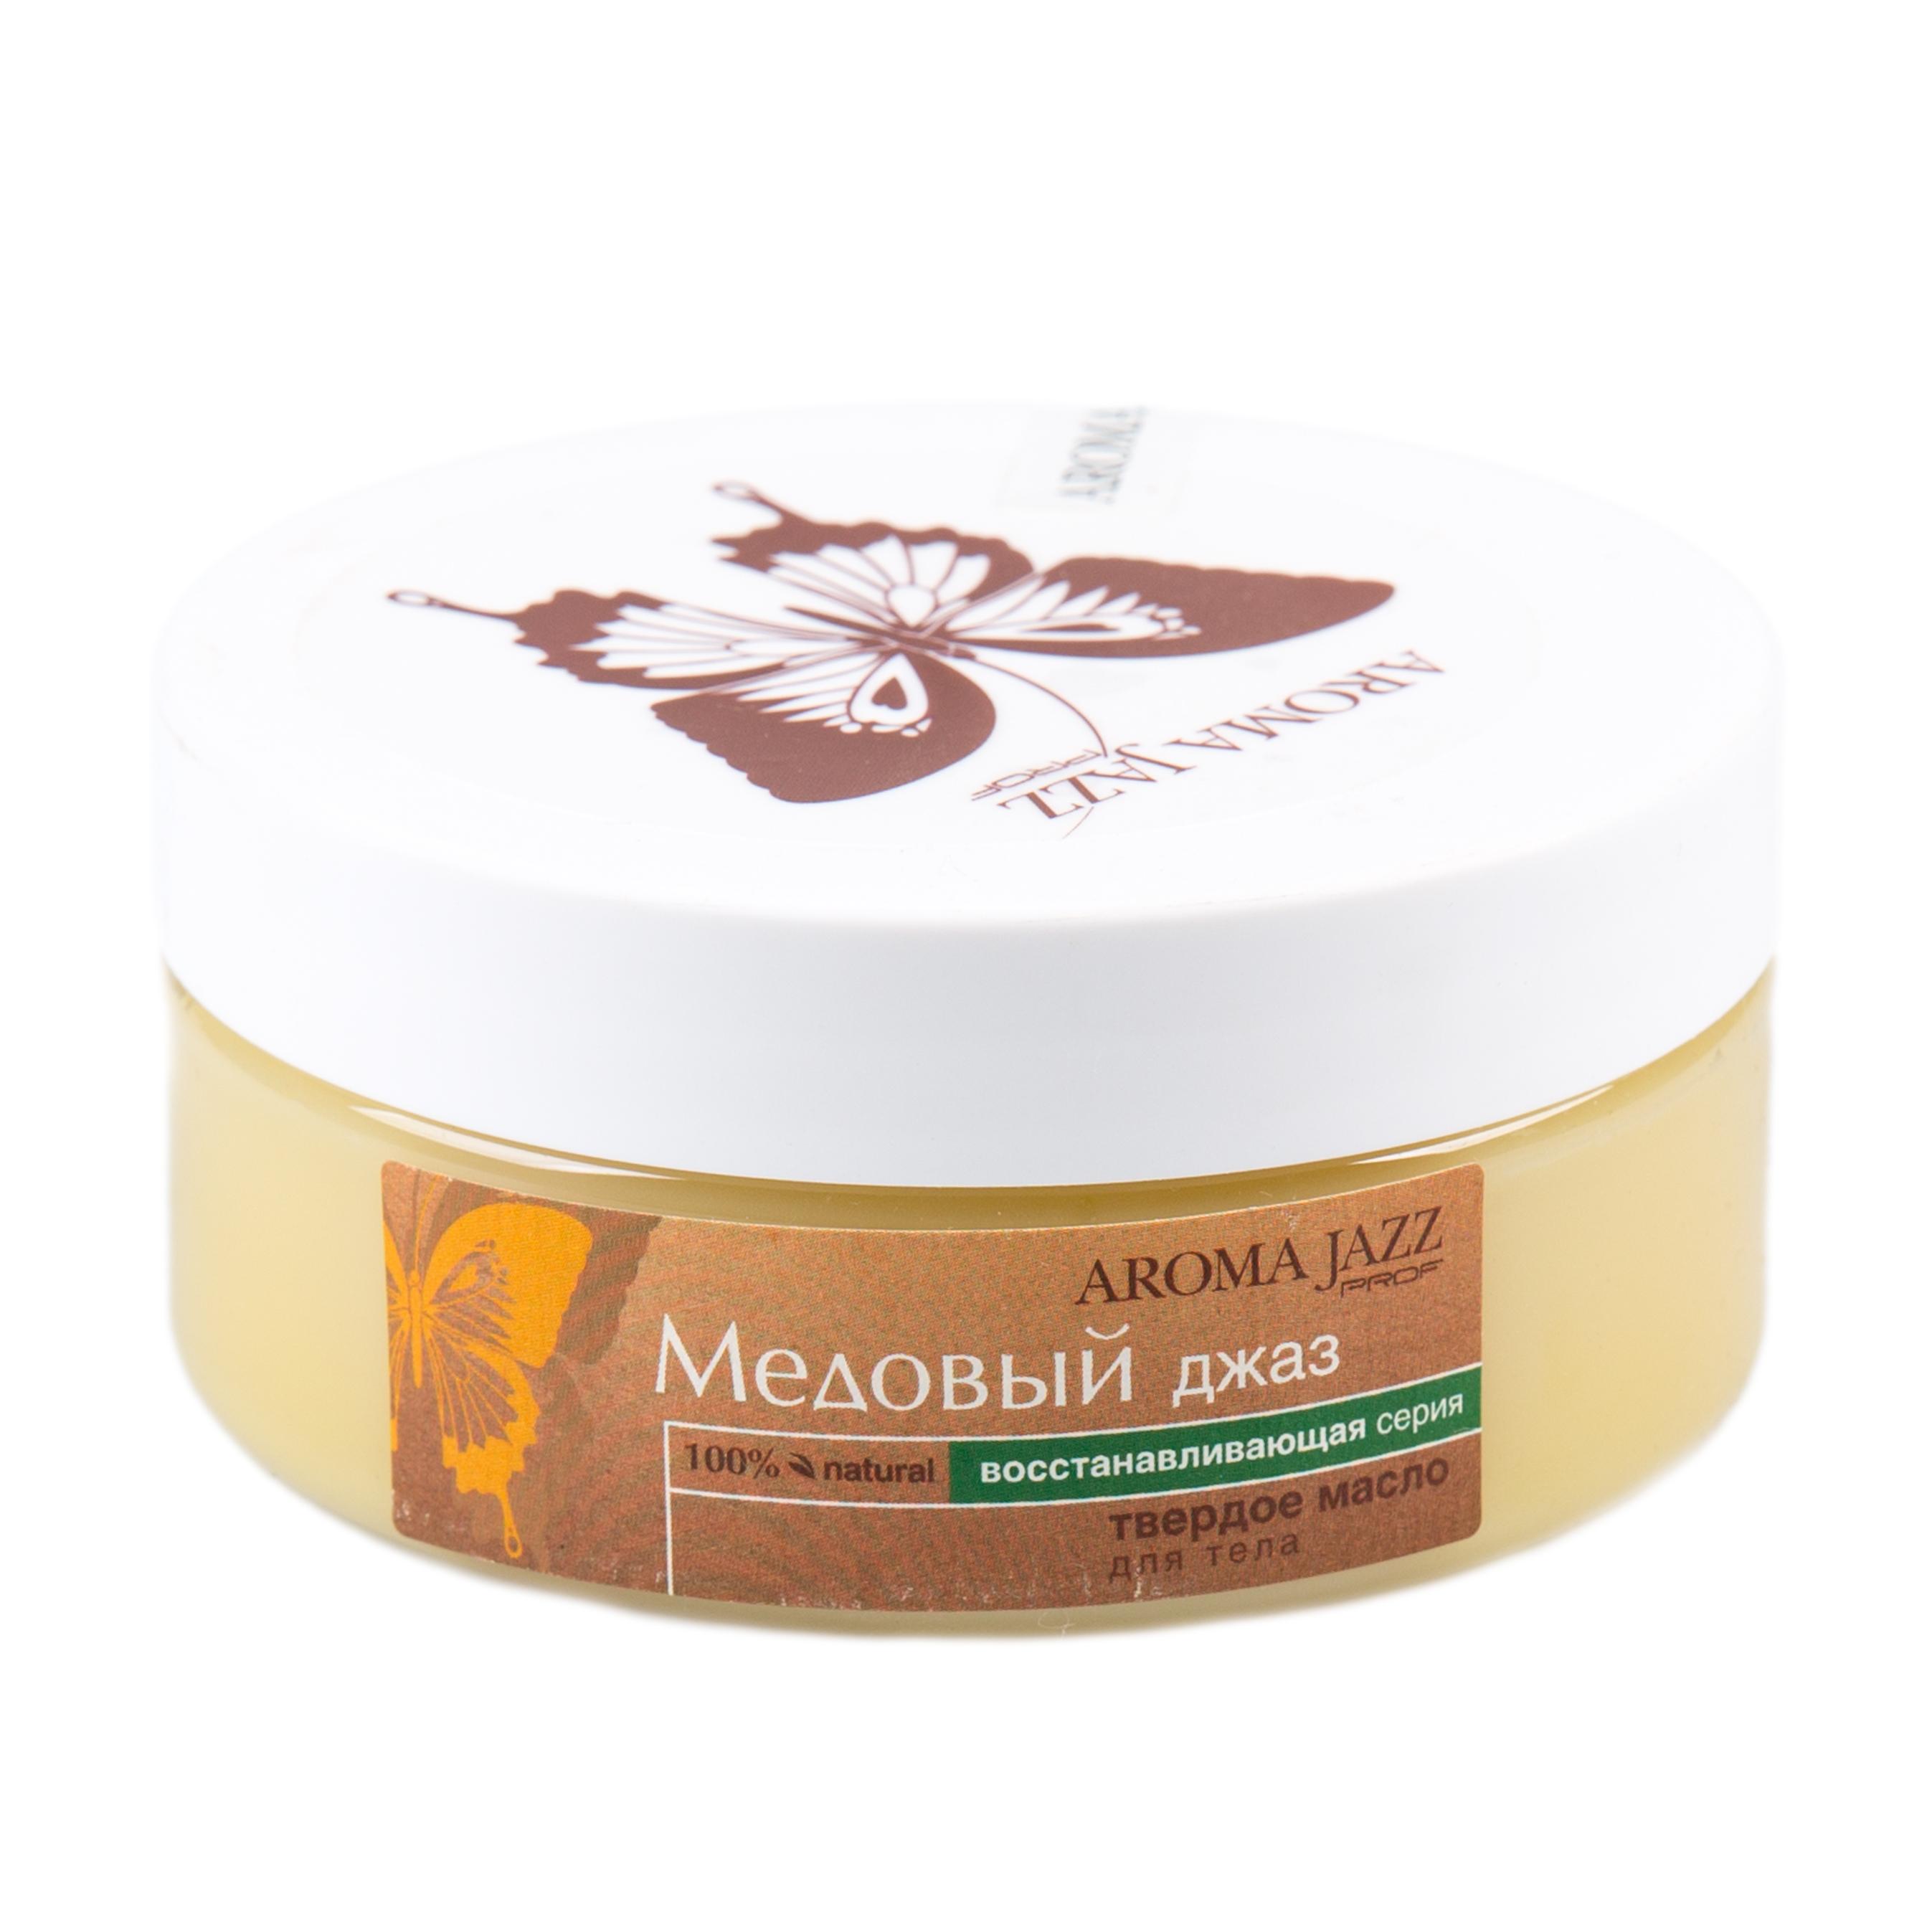 AROMA JAZZ Масло твердое Медовый джаз 150млМасла<br>Действие: масло способствует регенерации, абсорбирует токсины и быстро выводит их из организма, увеличивает приток крови к кожному покрову, питает и восстанавливает Активные ингредиентвы: масла какао,кокоса, оливы, авокадо; экстракты прополиса, горчицы; мед, пчелиный воск. Способ применения: рекомендовано для проведения любого вида массажа,увлажнения и питания кожи после душа, горячих ванн и SPA-процедур в салоне и дома; великолепно в антицеллюлитных обертываниях; рекомендуется использовать одноразовое белье. Противопоказания: индивидуальная непереносимость компонентов<br><br>Возраст применения: После 25<br>Типы кожи: Для всех типов<br>Консистенция: Твердая